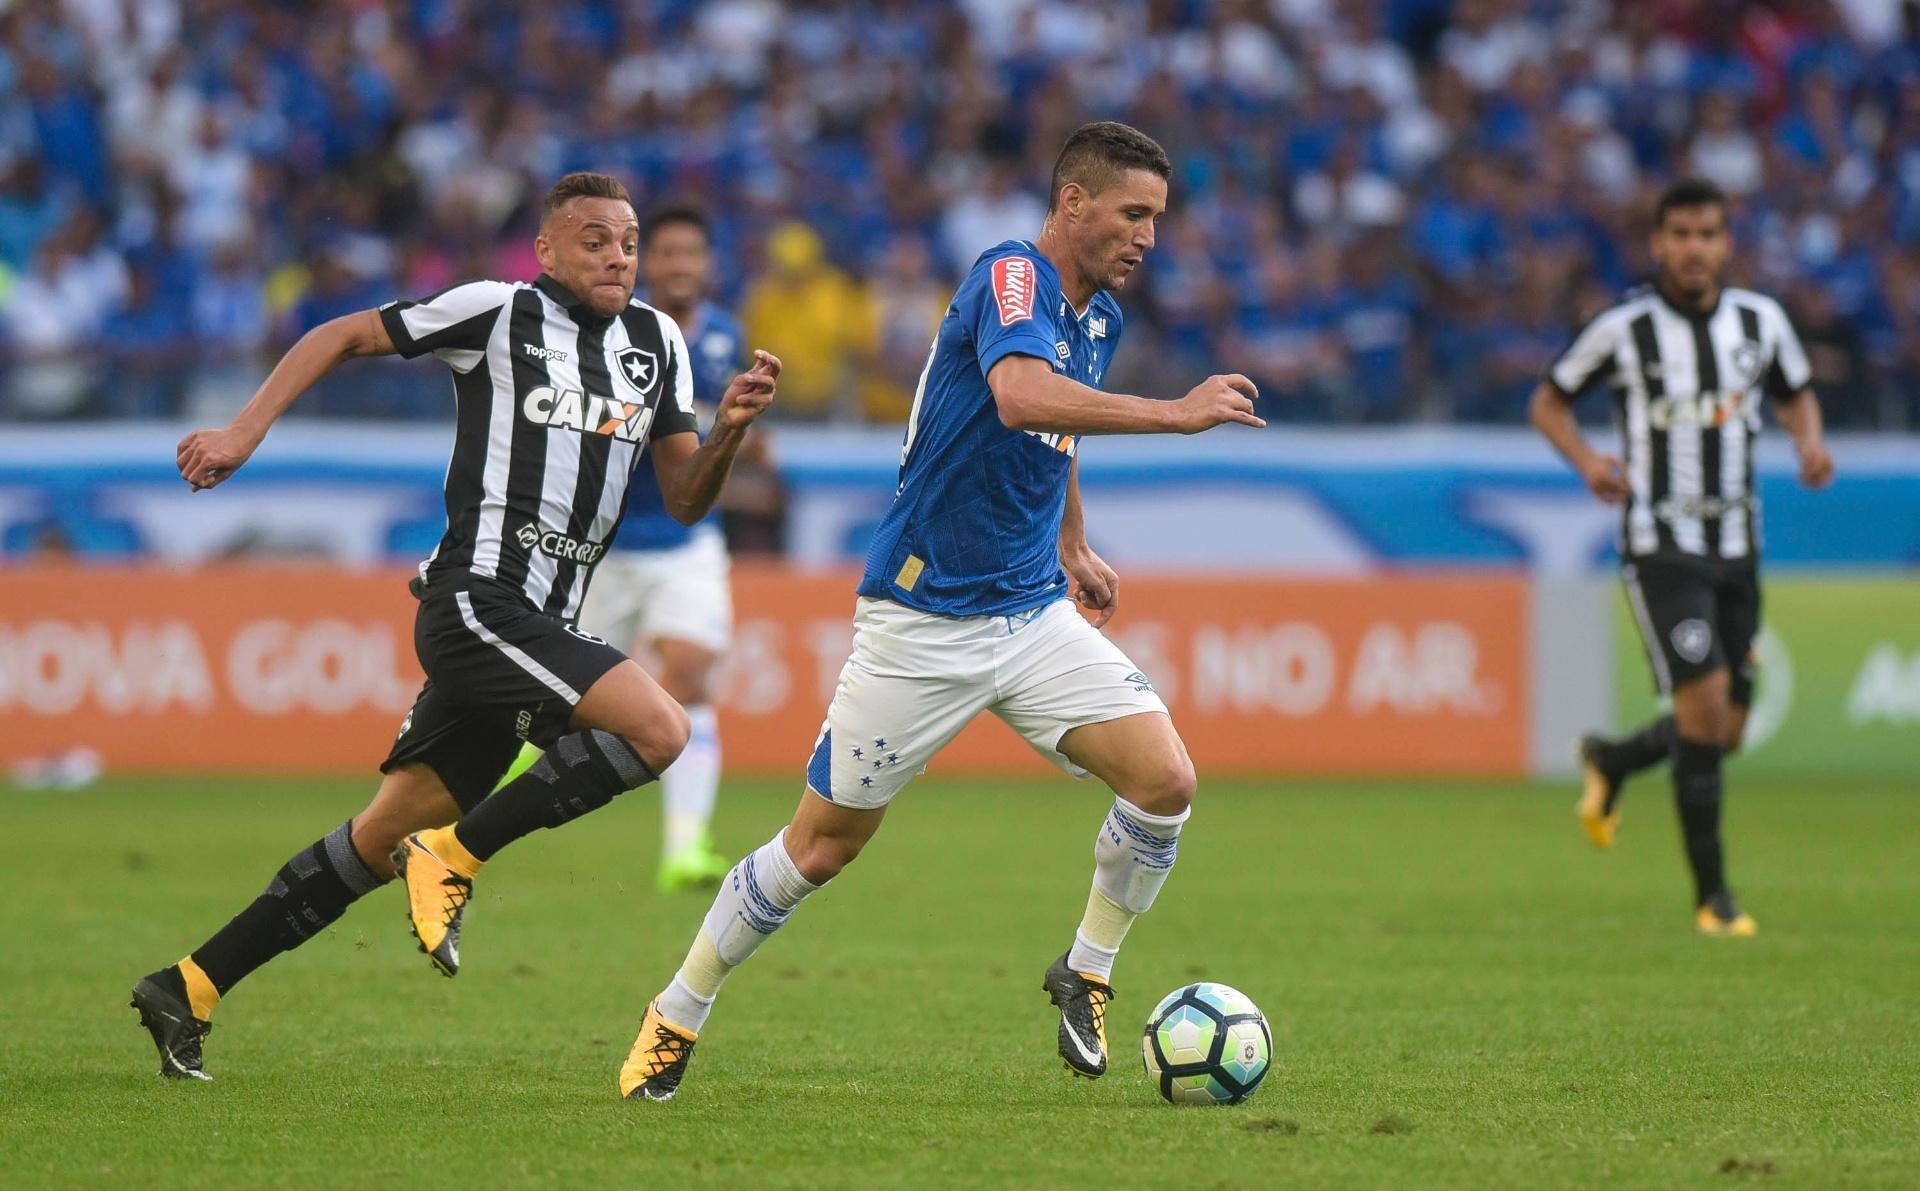 Cruzeiro e Botafogo empatam sem gols em reencontro de Sassá com ex-clube -  06 08 2017 - UOL Esporte e37ce50718ead